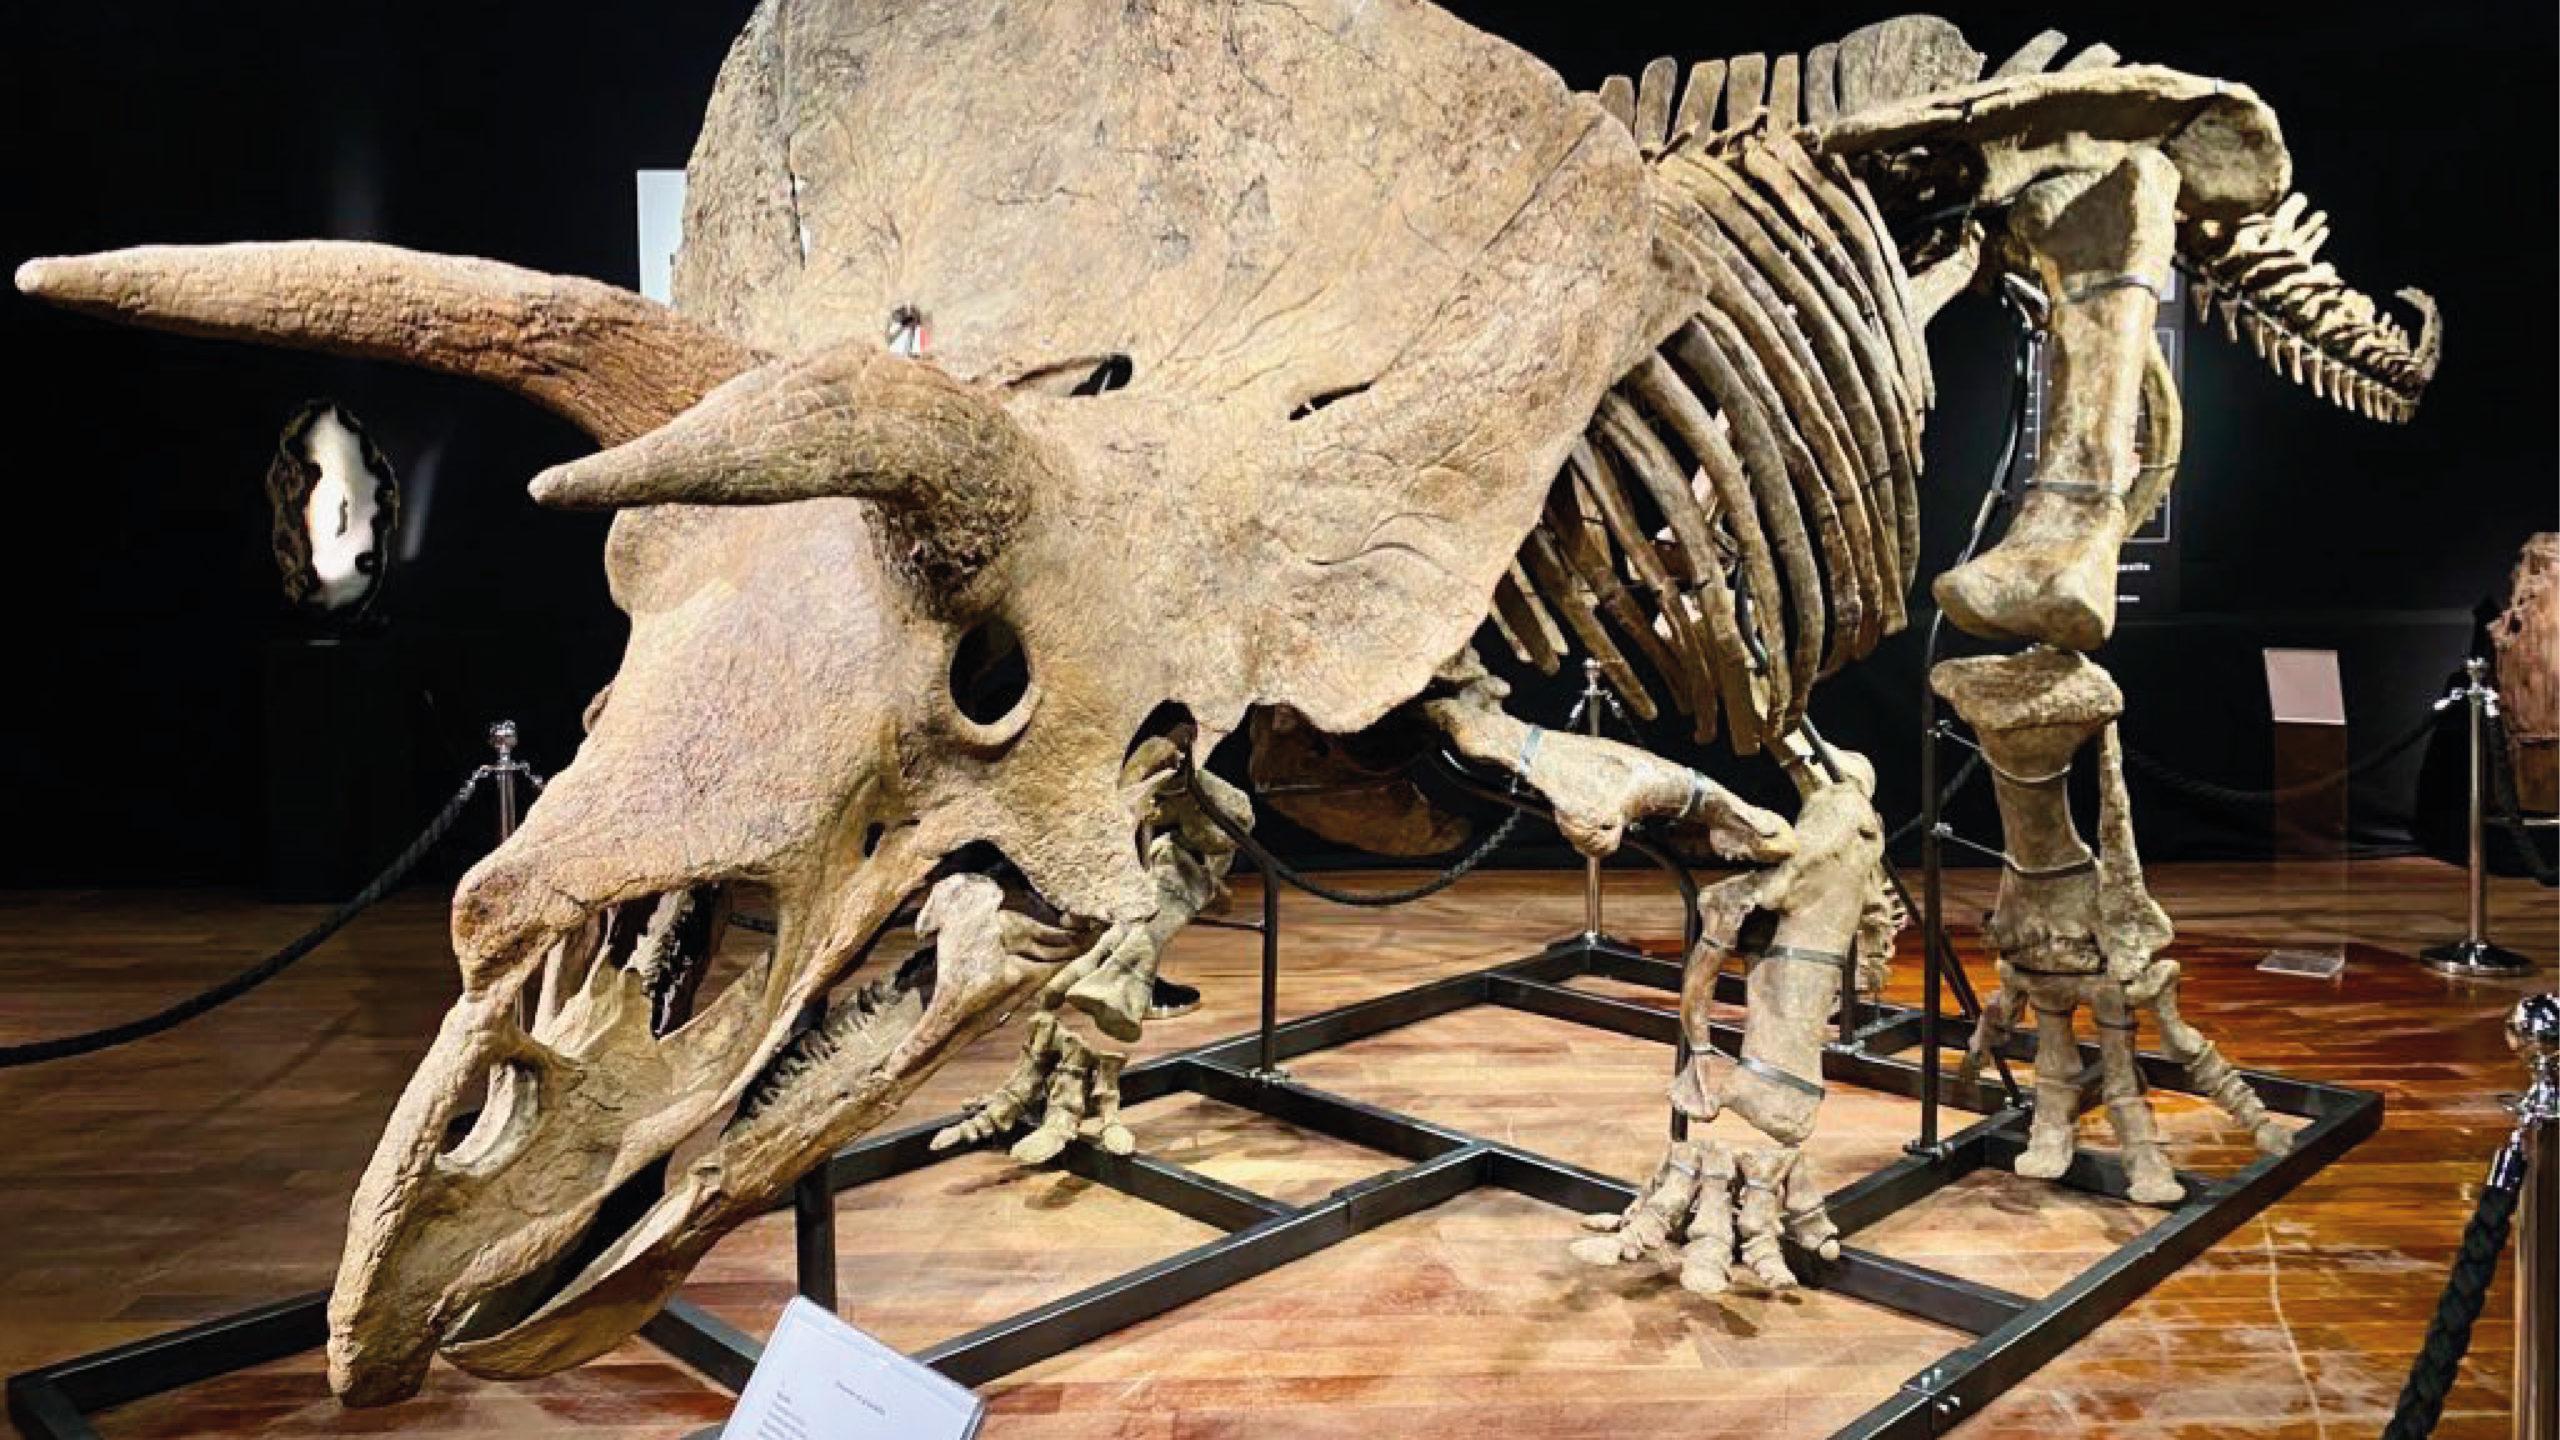 Subastan restos fósiles del mayor dinosaurio triceratops conocido por 6.65 mde